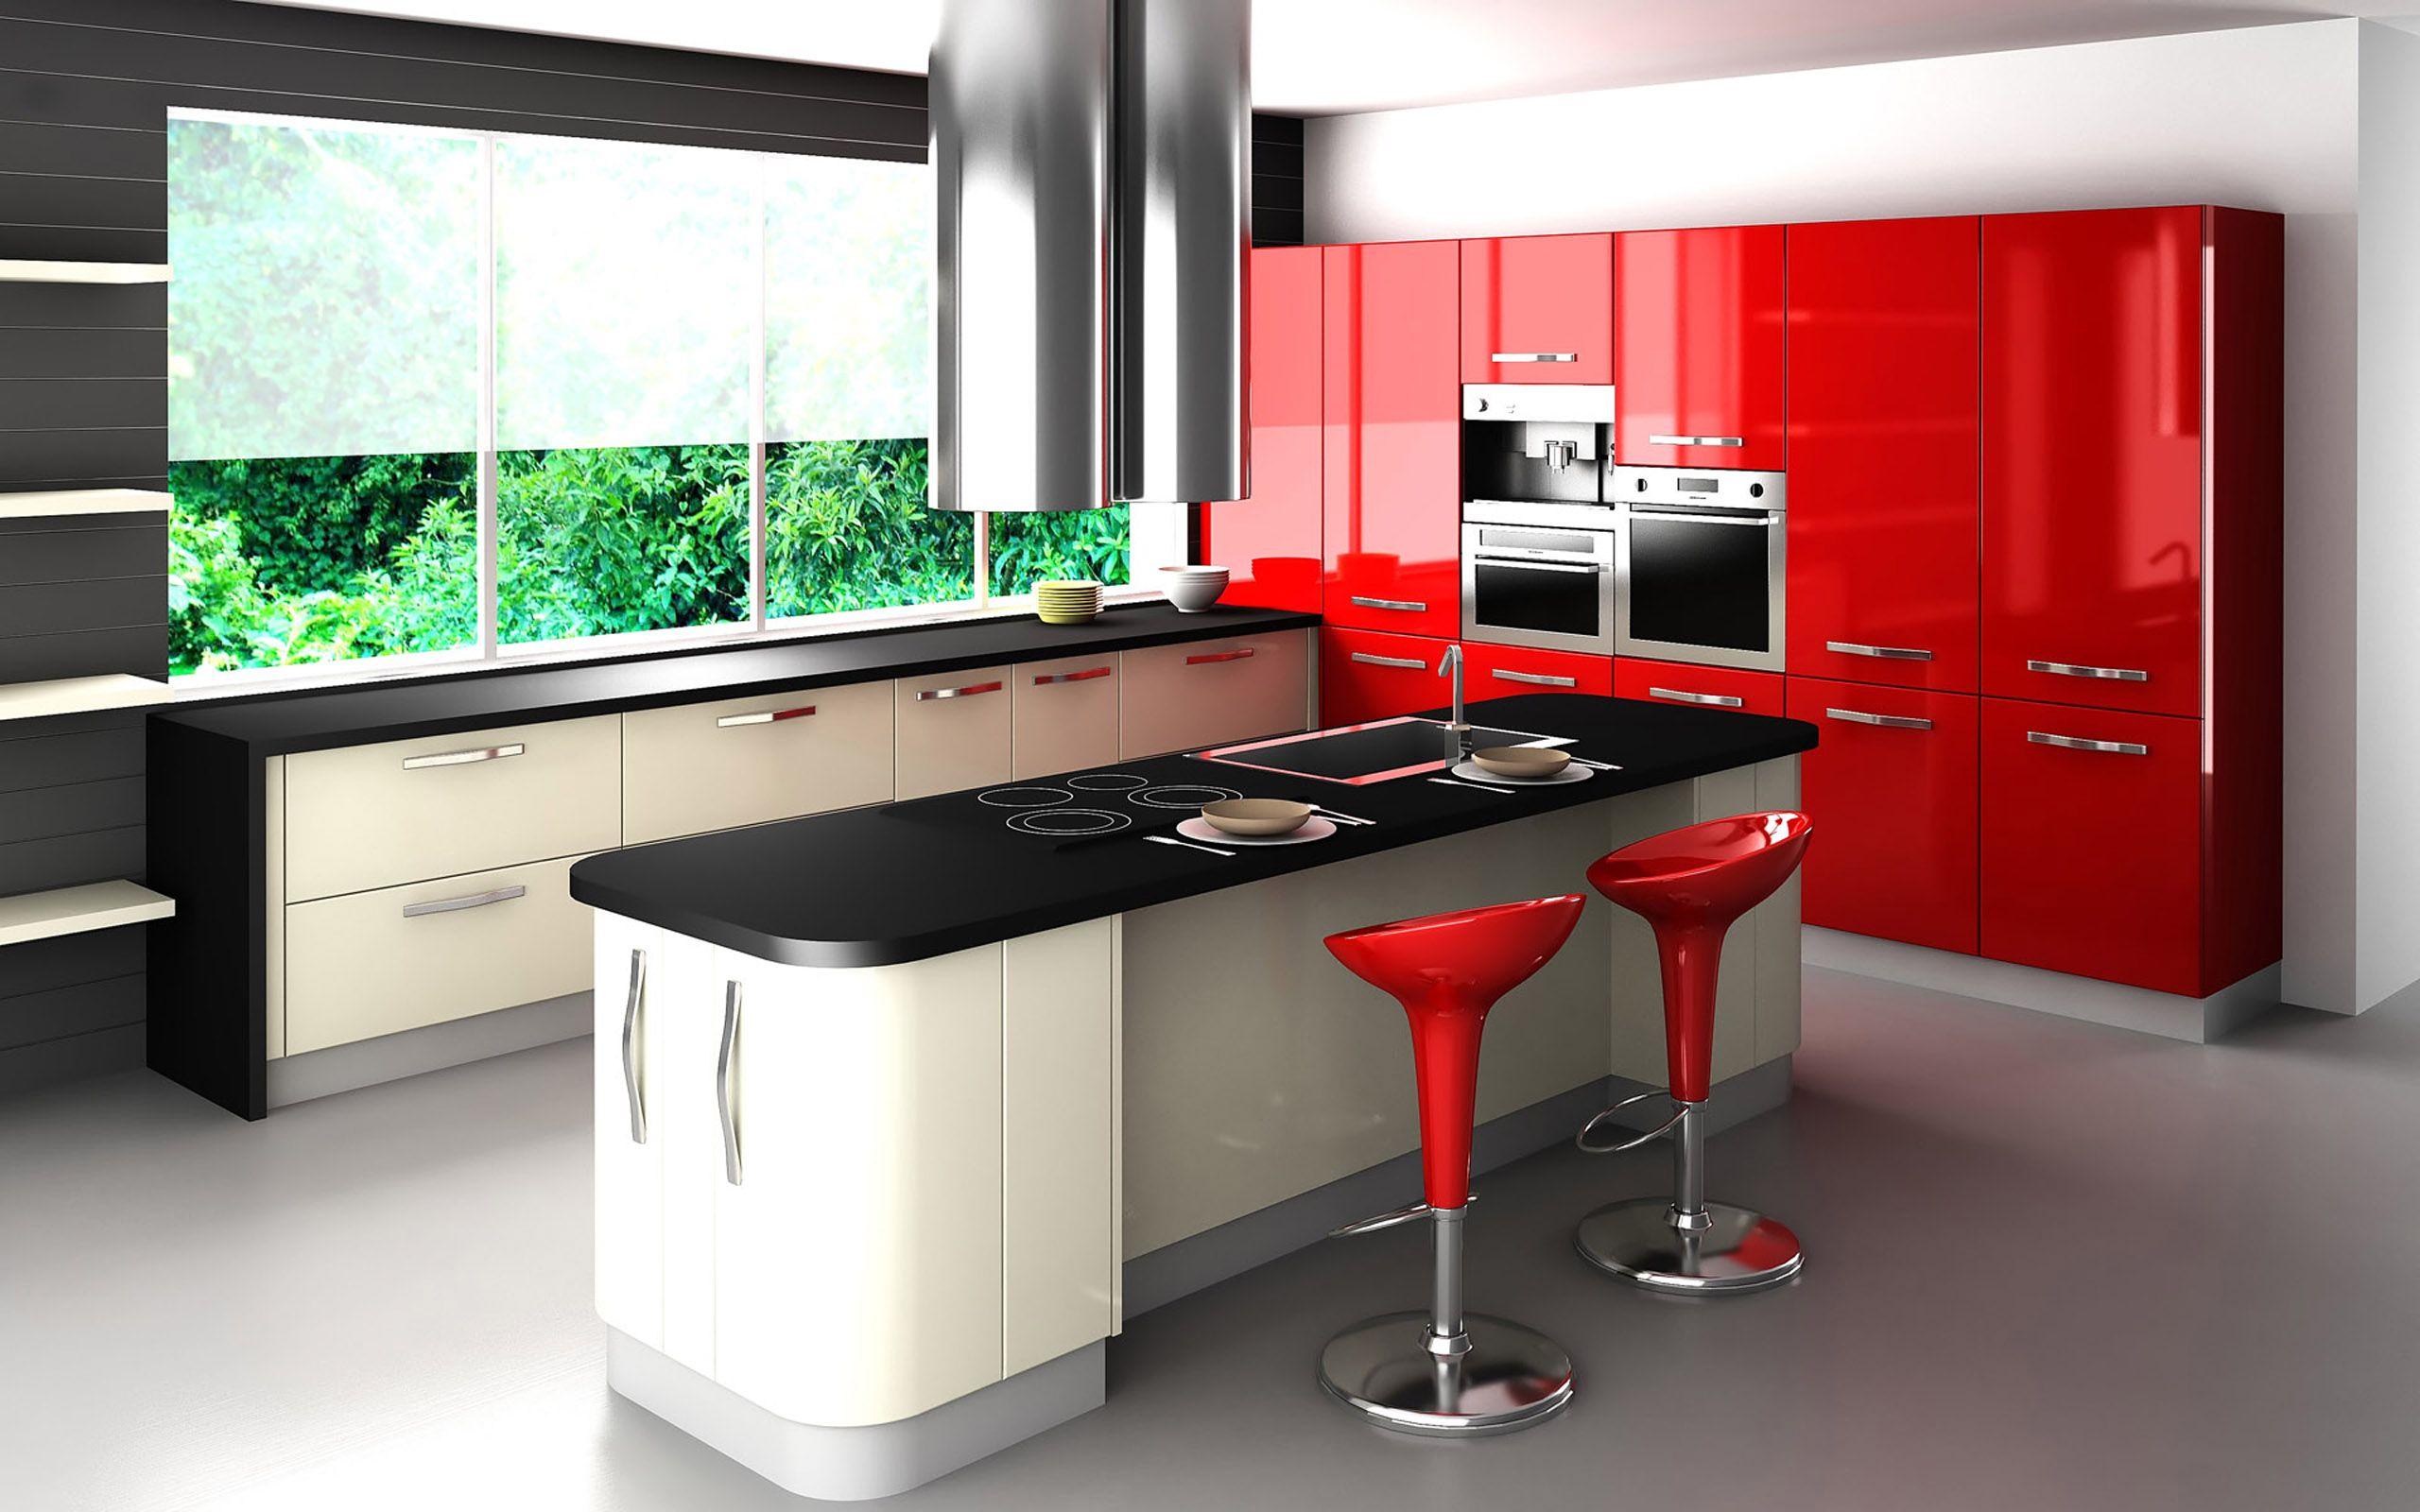 Cocinas contemporáneas, ¡ideas, consejos e inspiración! | Extractor ...